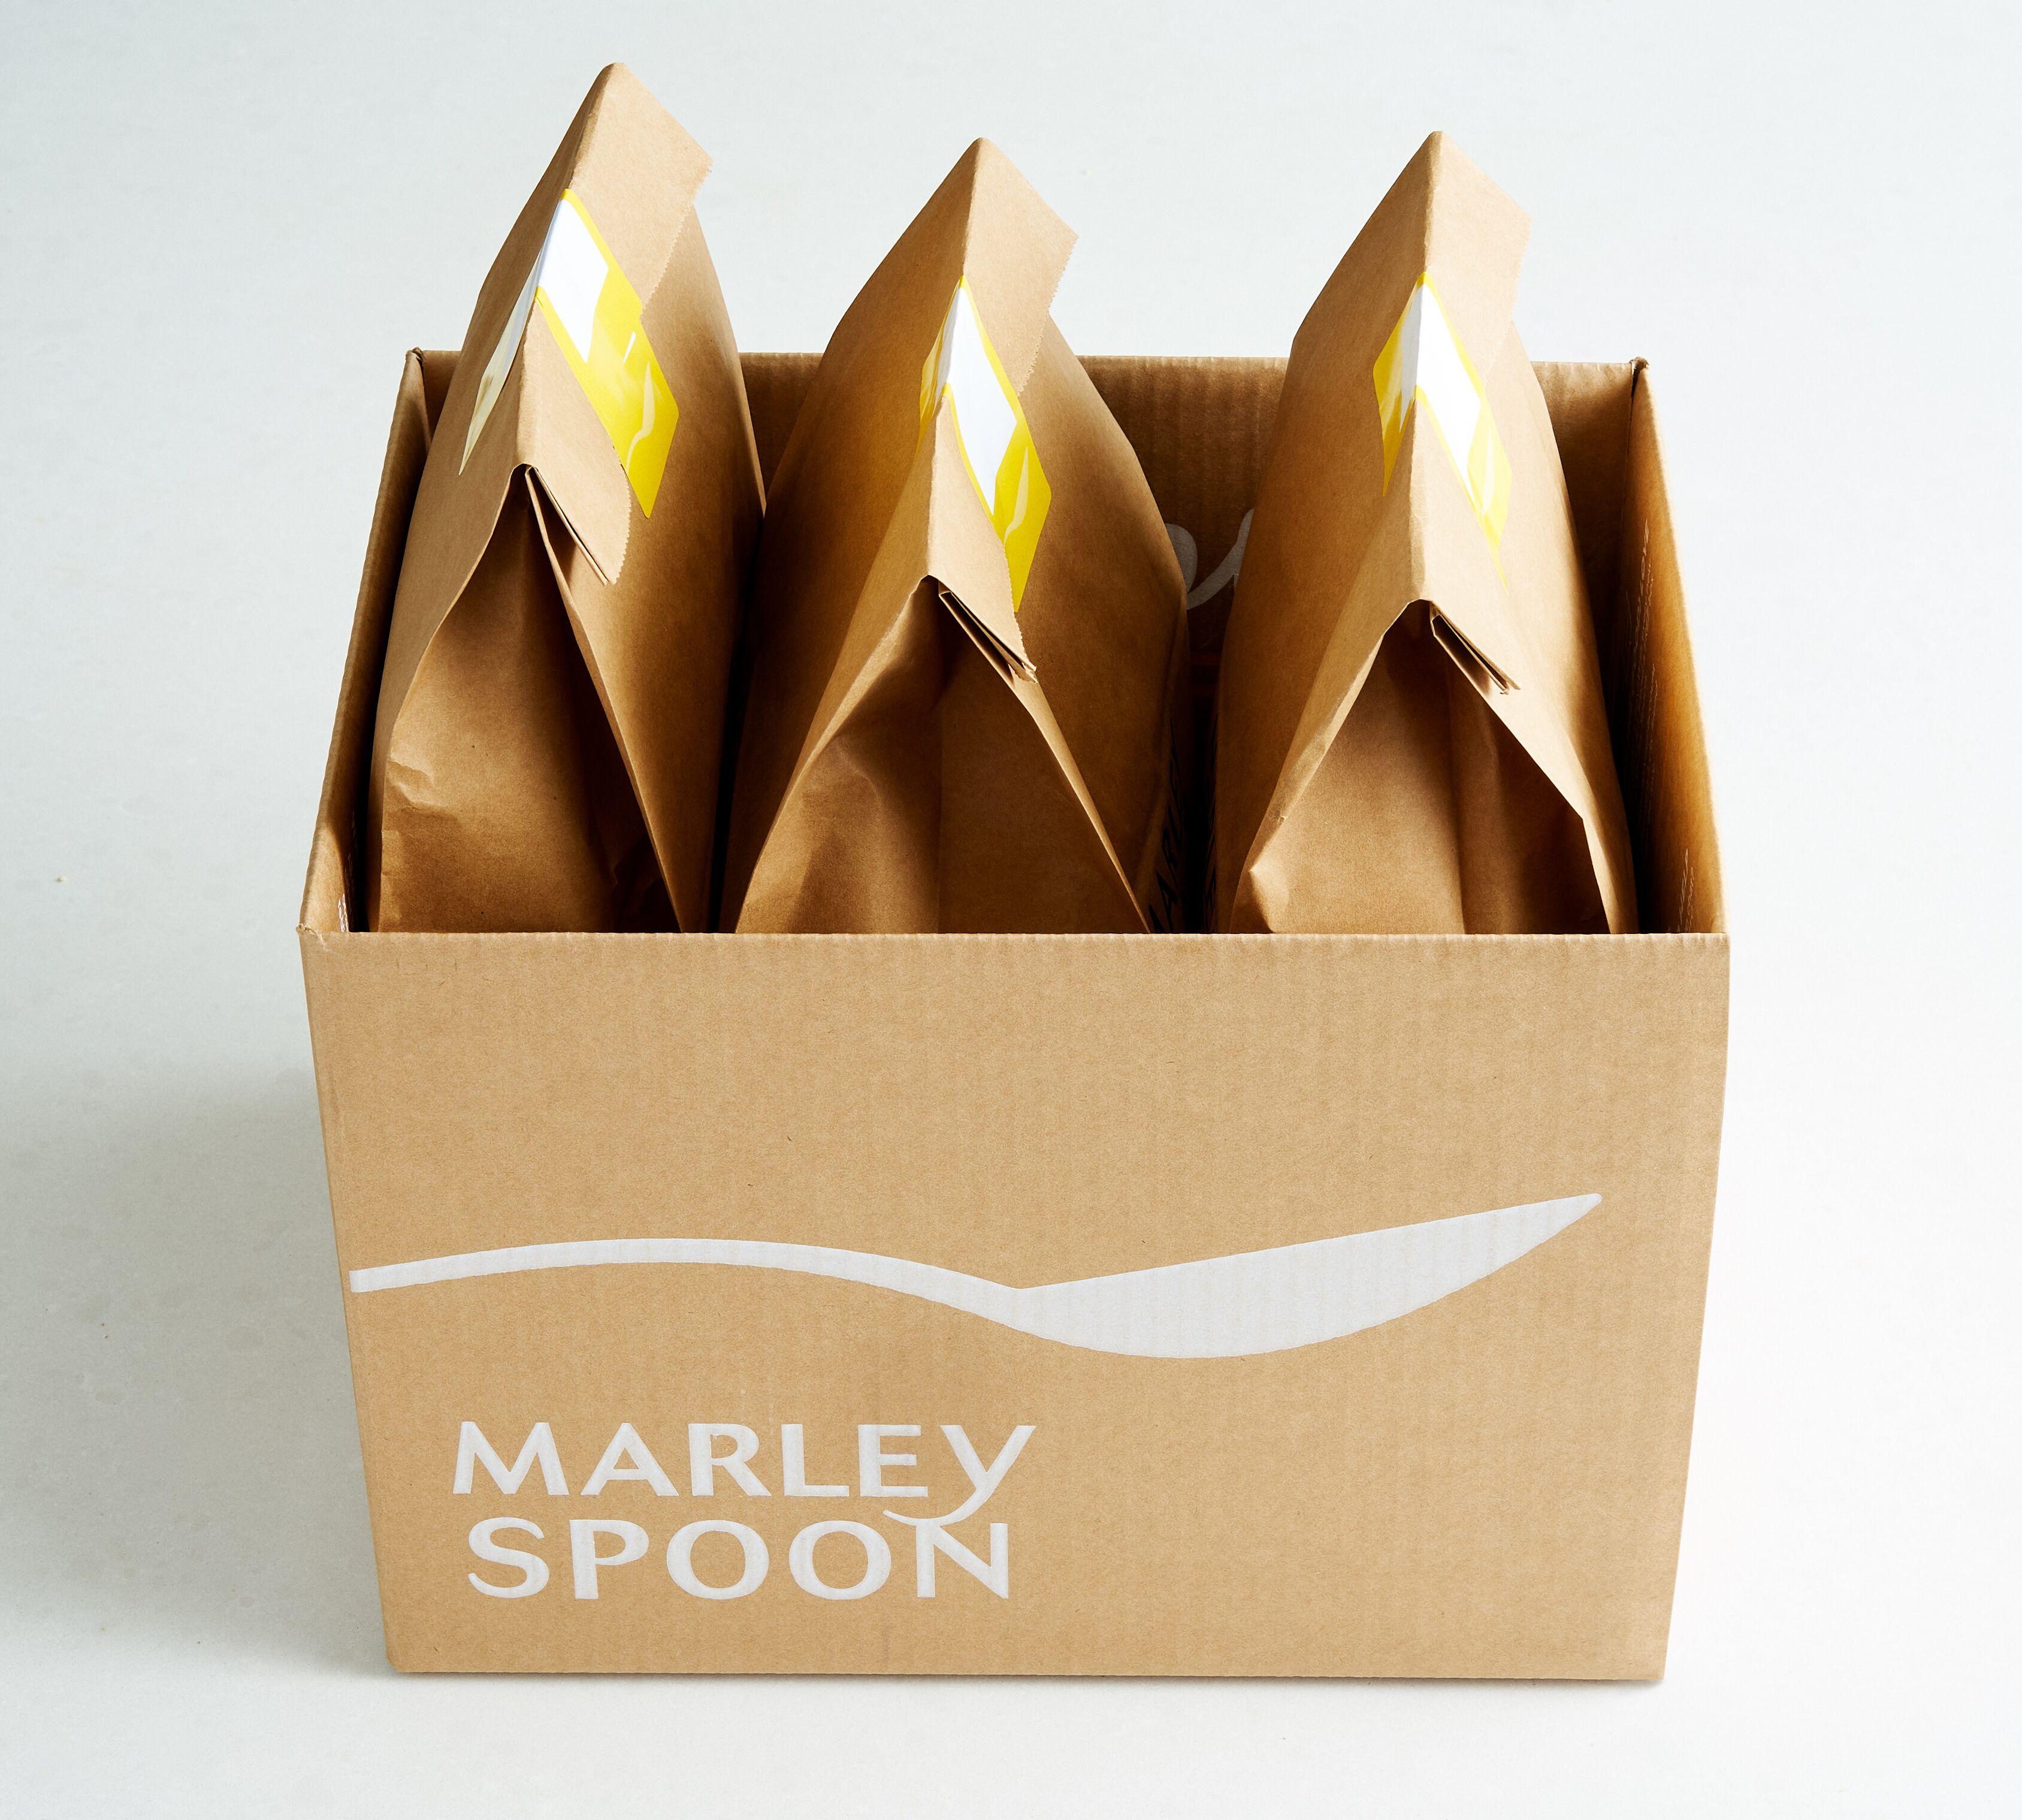 marley-spoon-release-vegan-options